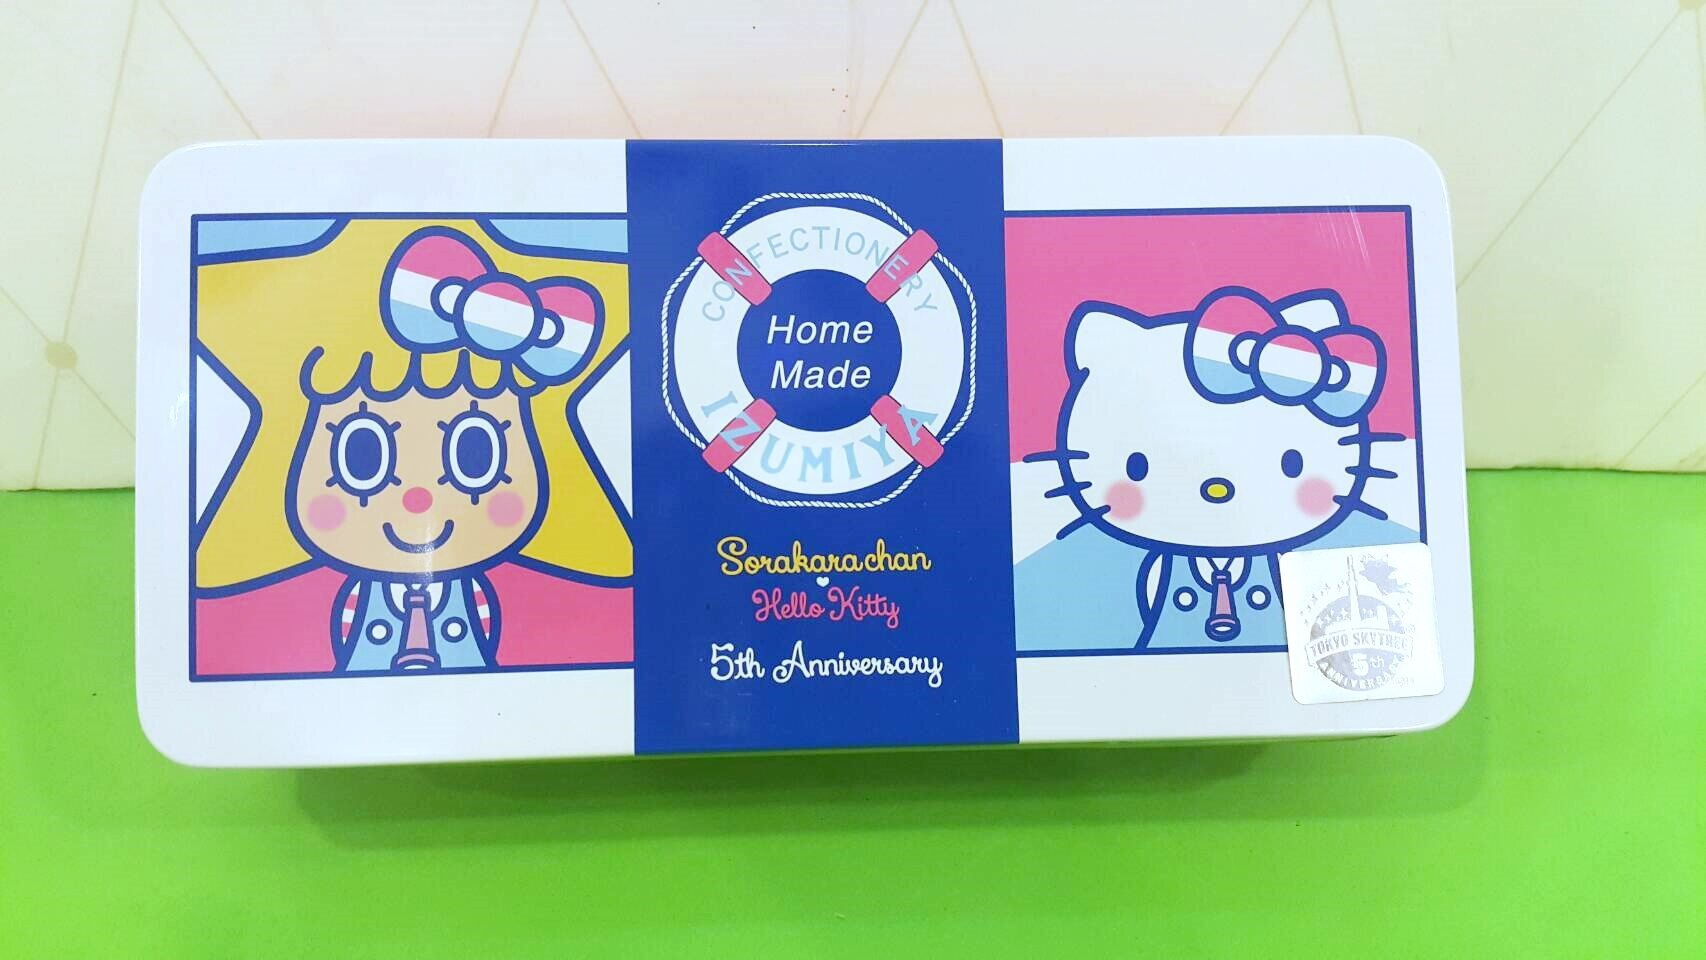 X射線【C003696】日本晴空塔代購-晴空塔 x Hello Kitty 5週年限定版紀念餅乾罐,點心/零嘴/餅乾/糖果/韓國代購/日本糖果/零食/伴手禮/禮盒